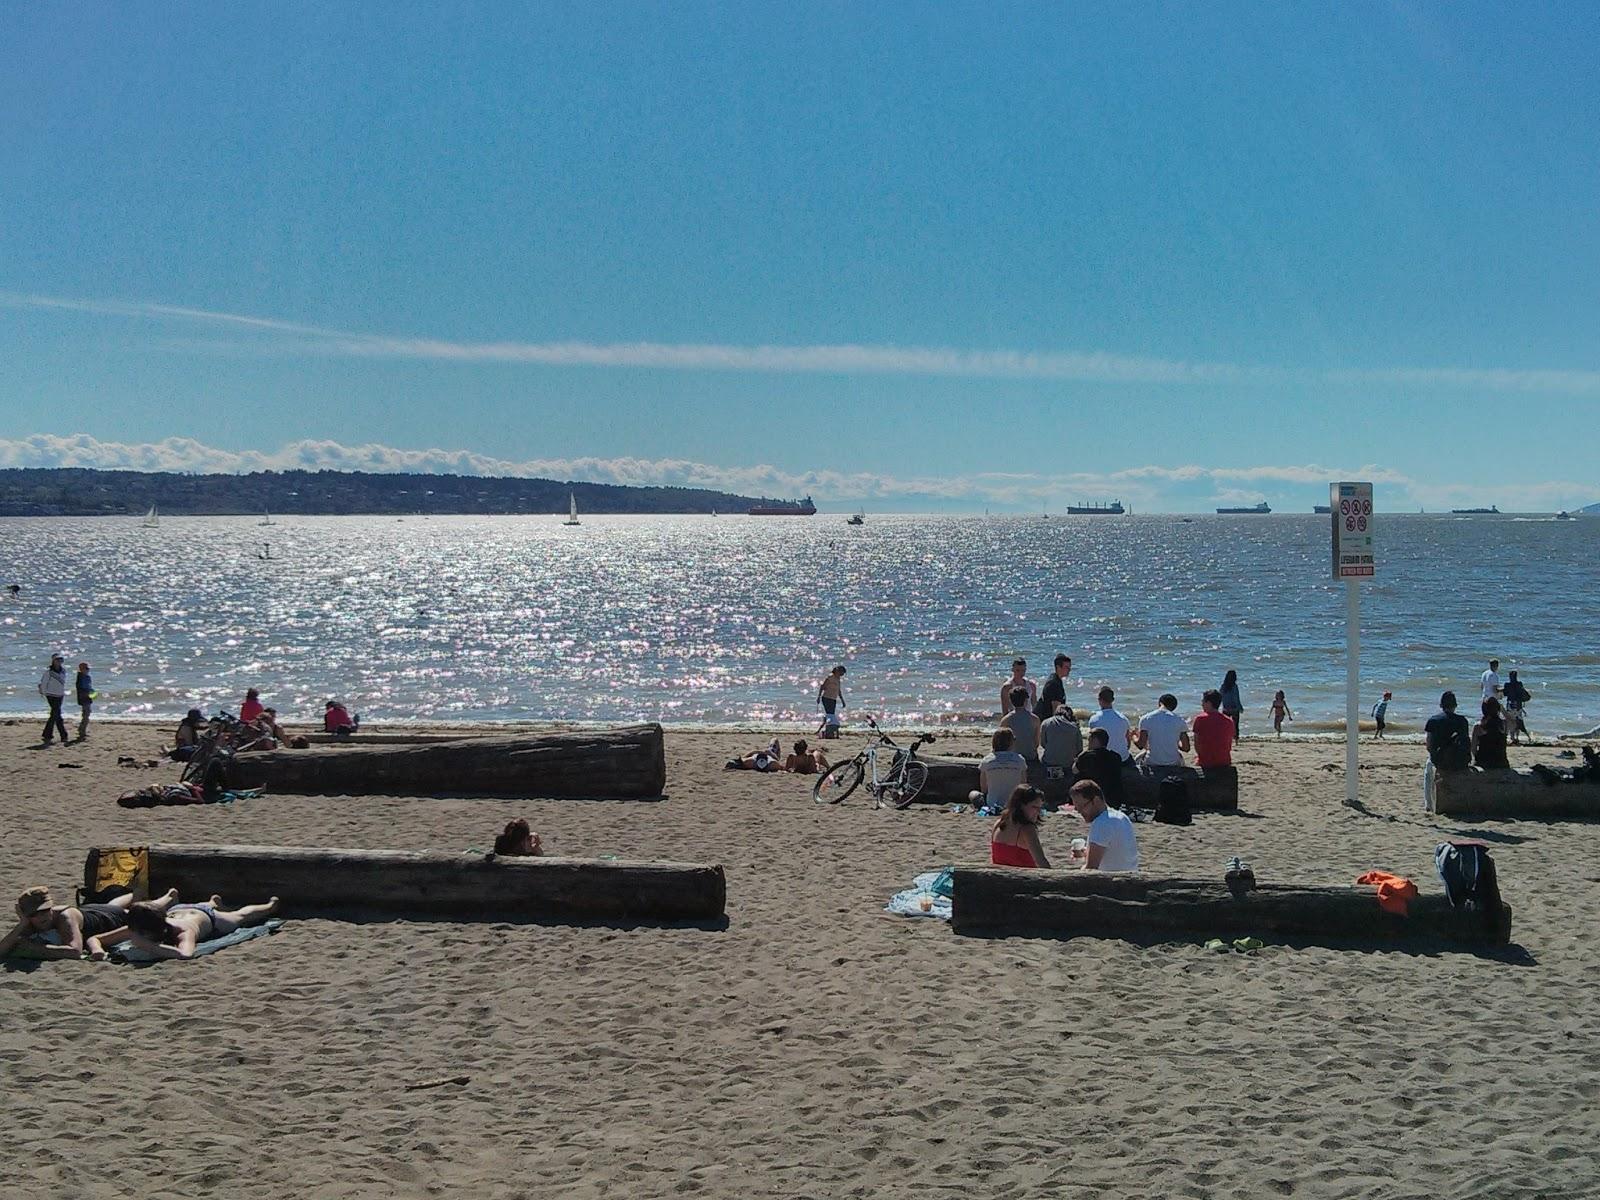 From vigo to vancouver aqu tambi n hay playas pero for En zacatecas hay playa